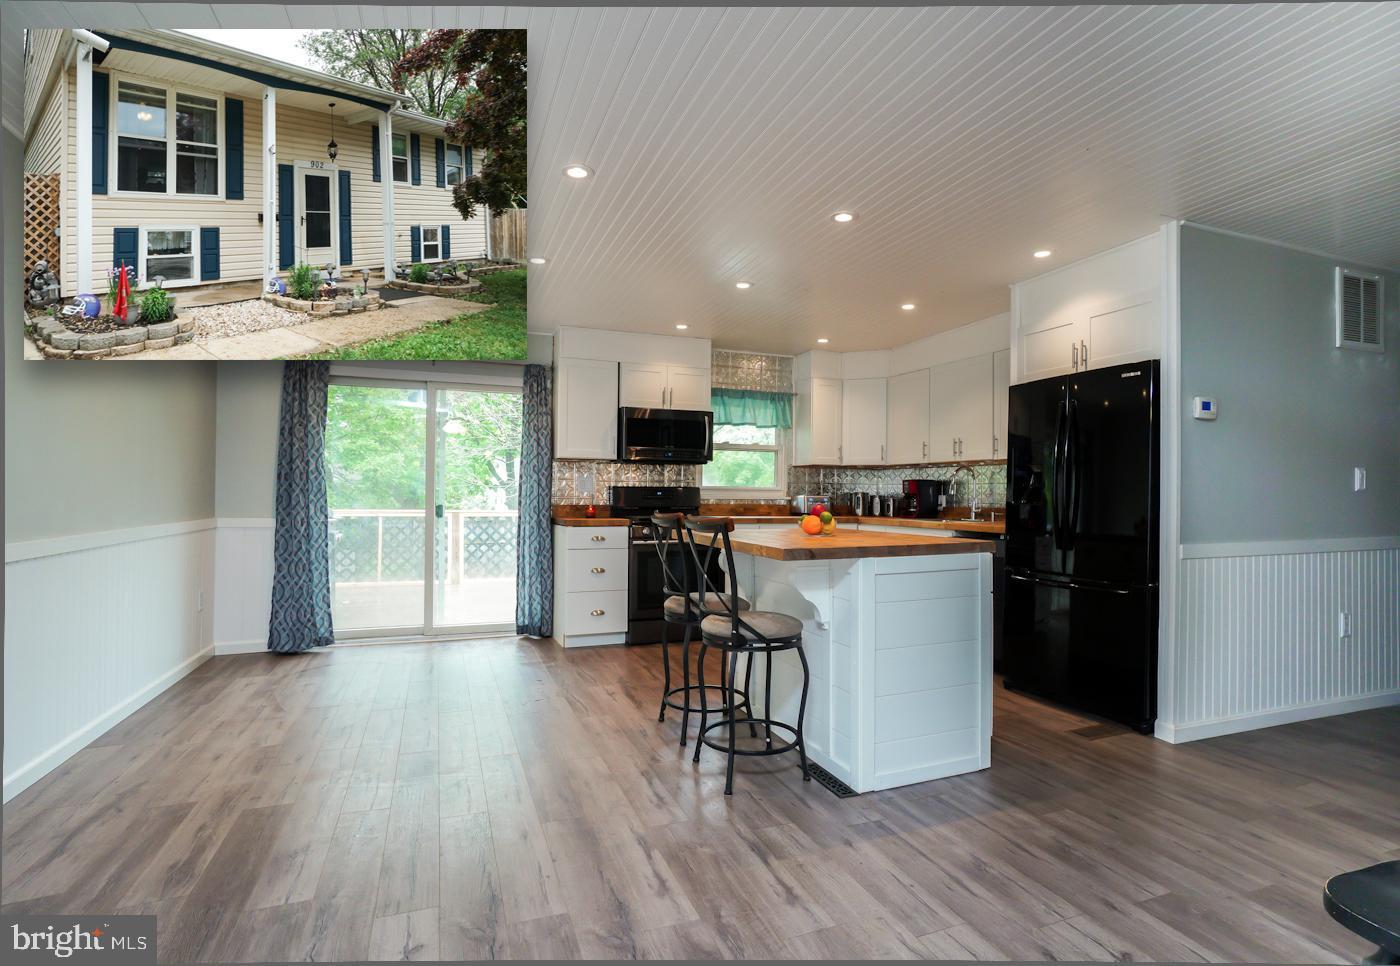 902 Silver Maple Ct, Glen Burnie, MD, 21060